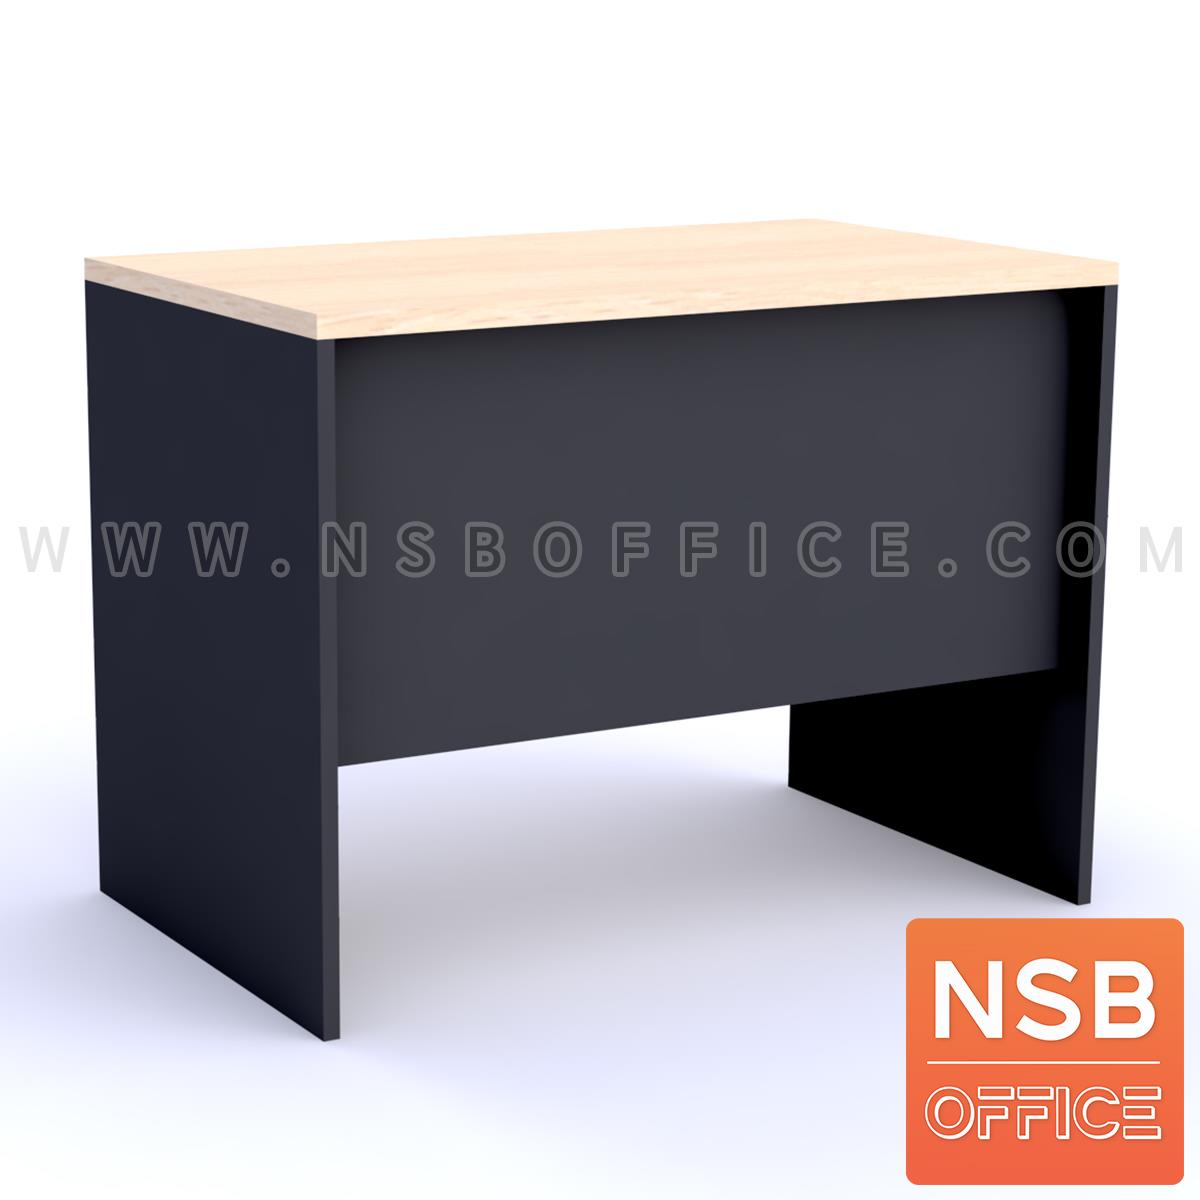 โต๊ะทำงาน 3 ลิ้นชักบานเพ่  ขนาด 100W ,120W ,135W ,150W cm.  เมลามีน